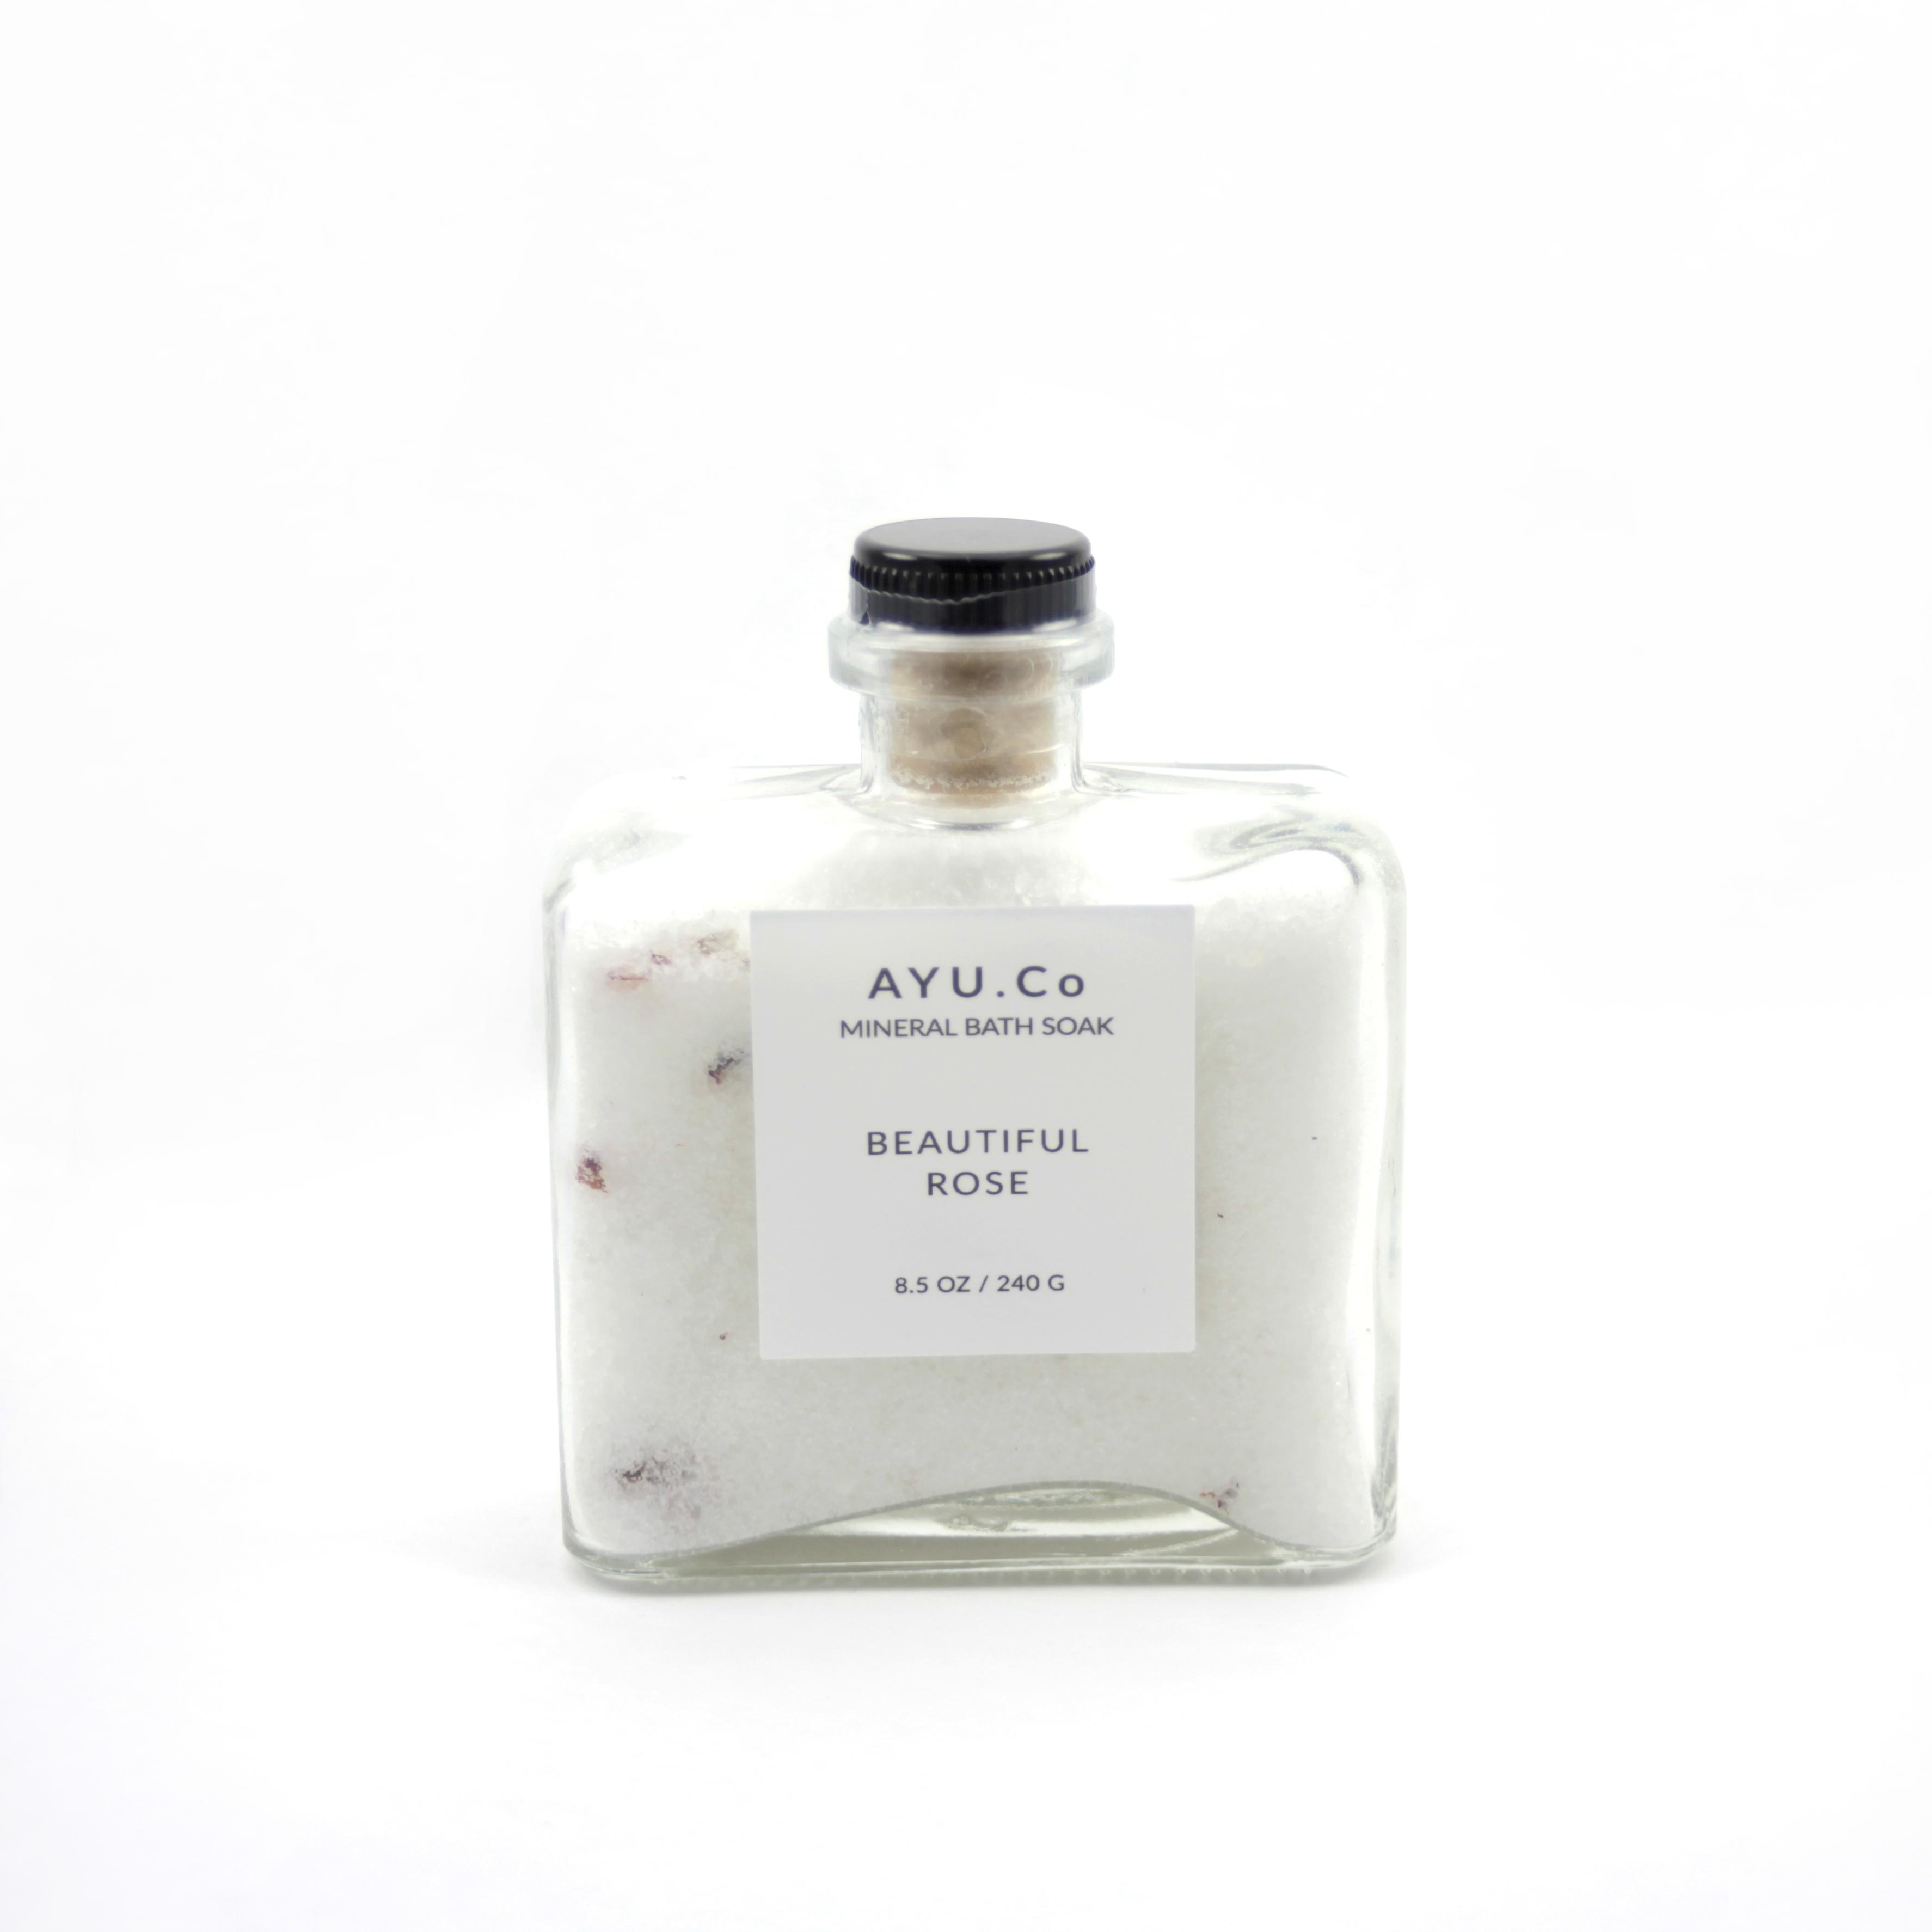 AYDRY & Co.